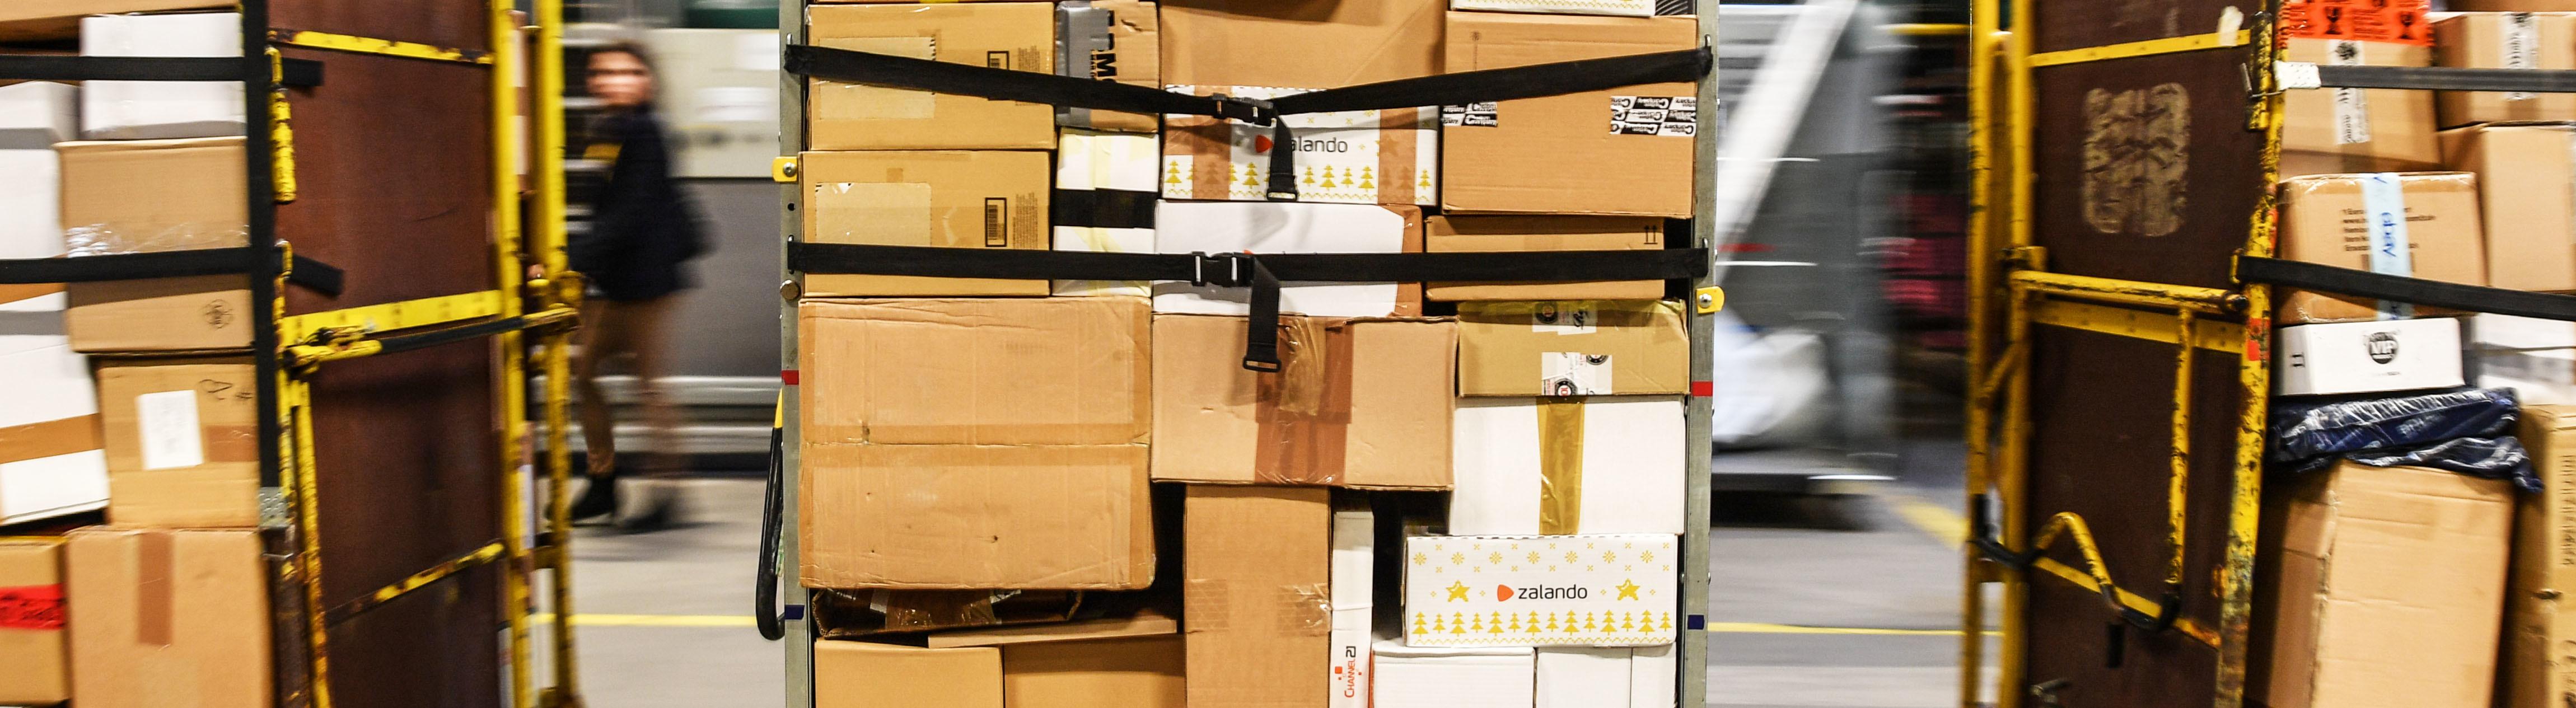 gestapelte Pakete